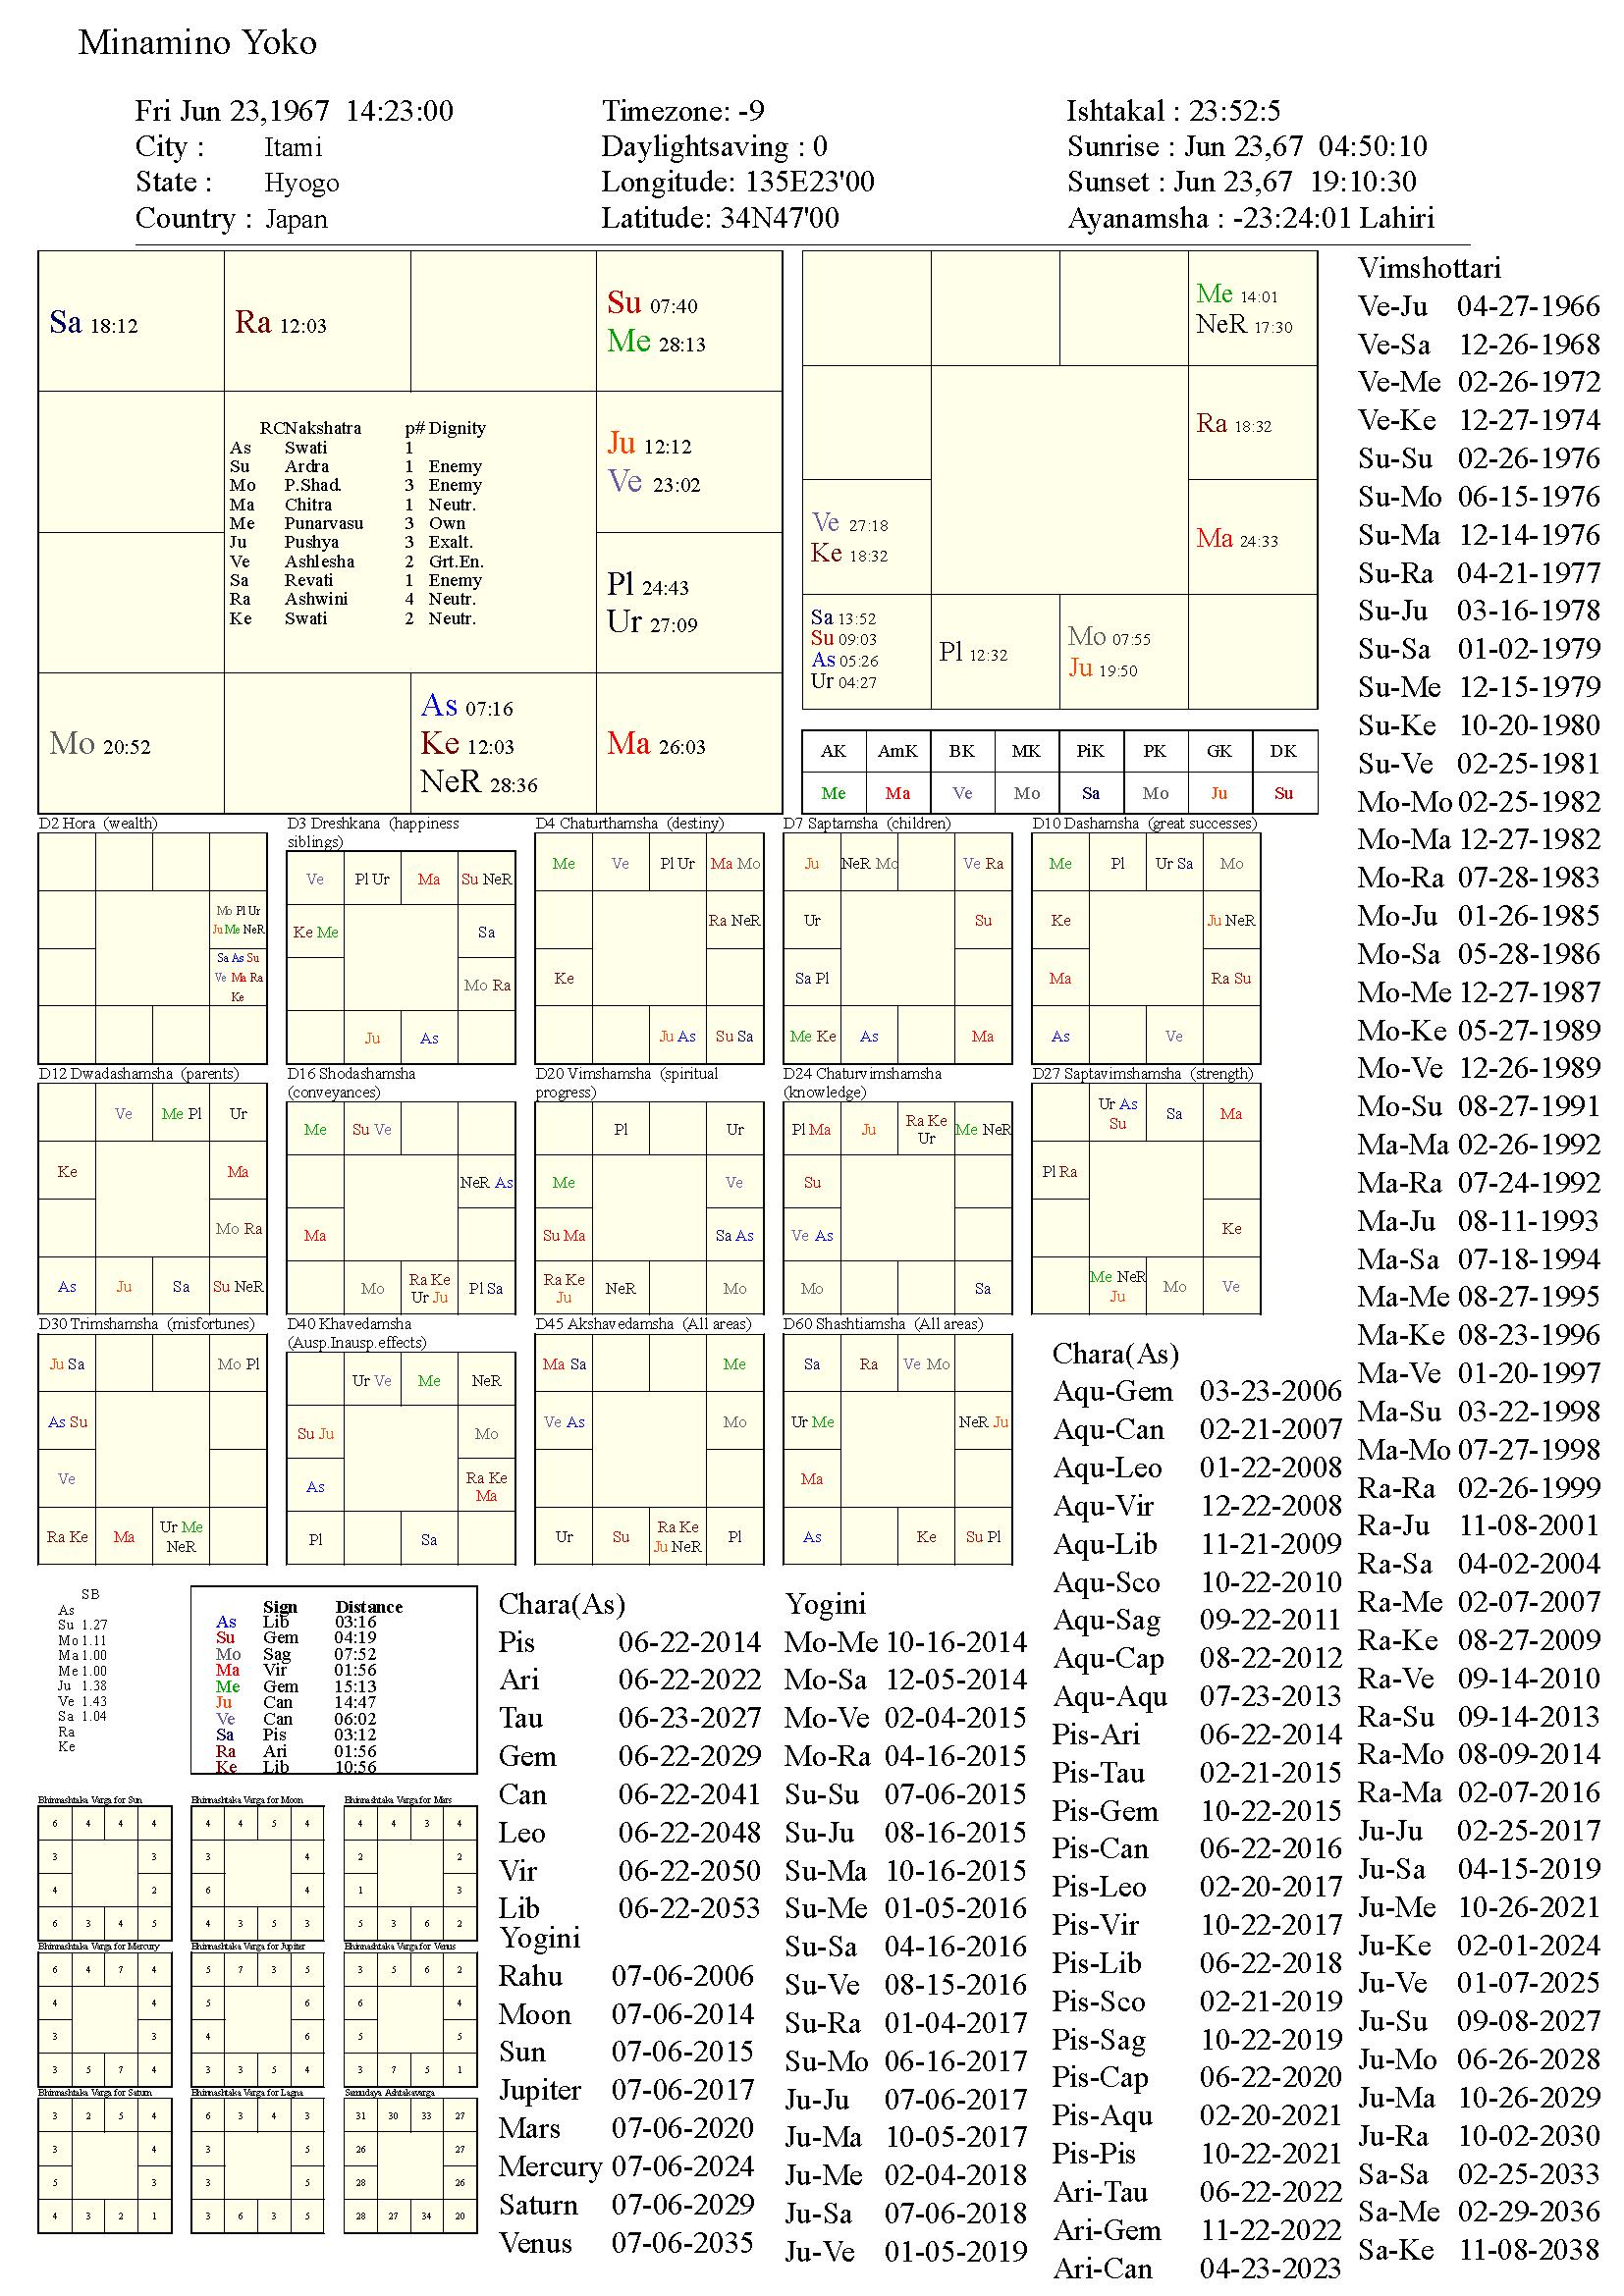 minaminoyoko_chart